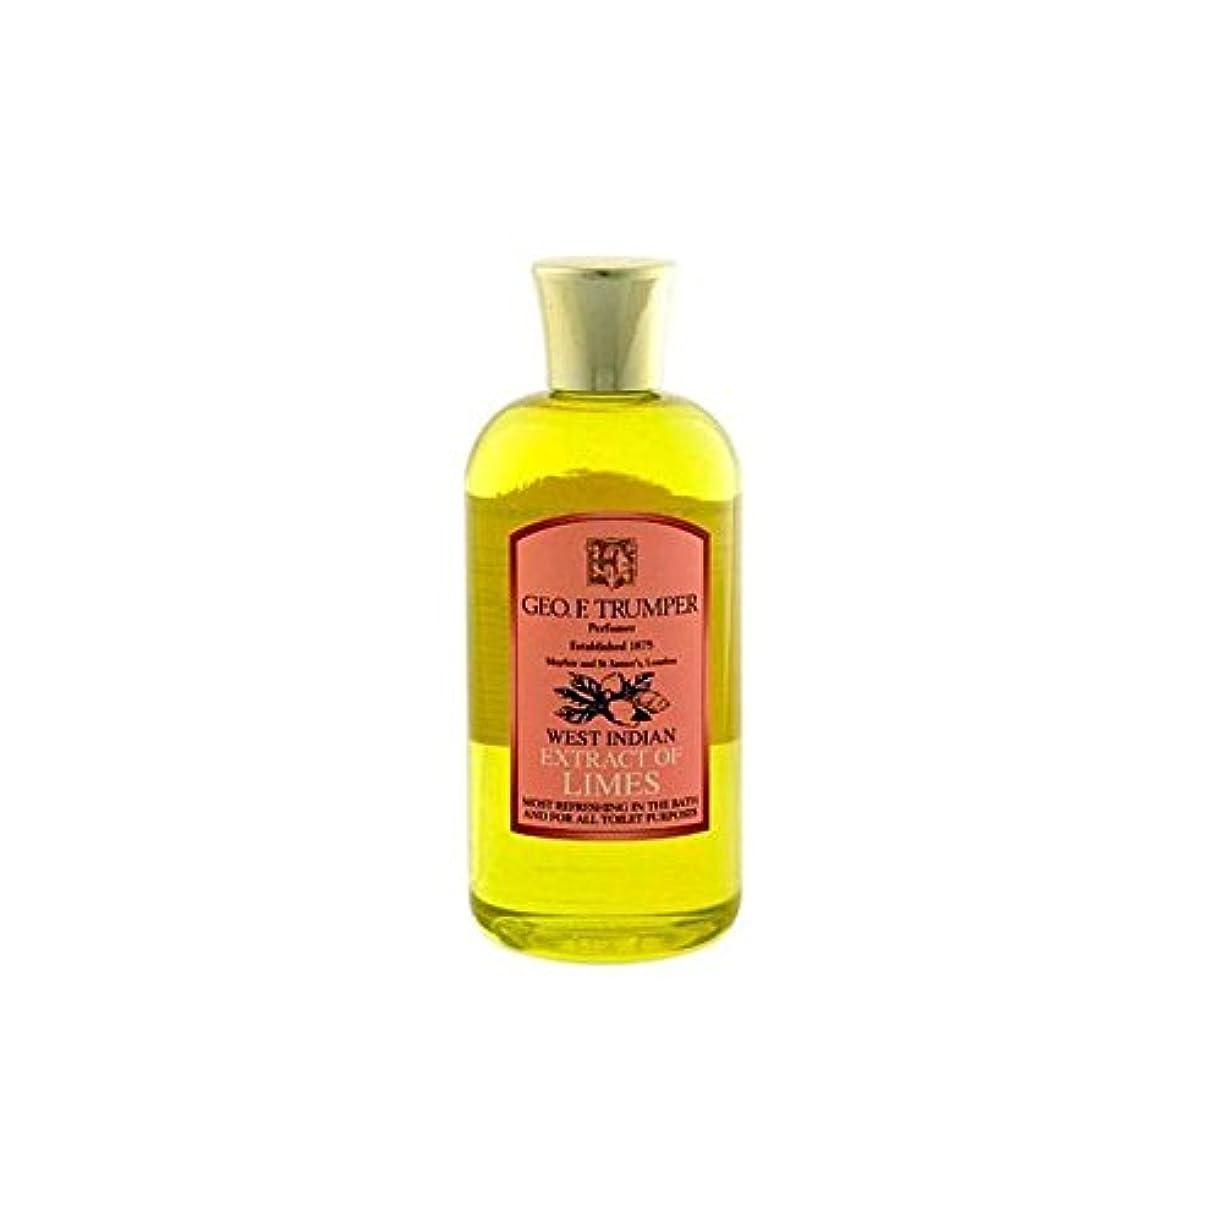 一握り沈黙夜の動物園Trumpers Extracts of Limes Bath and Shower Gel 200ml (Pack of 6) - ライムのバスタブとシャワージェル200の抽出物を x6 [並行輸入品]